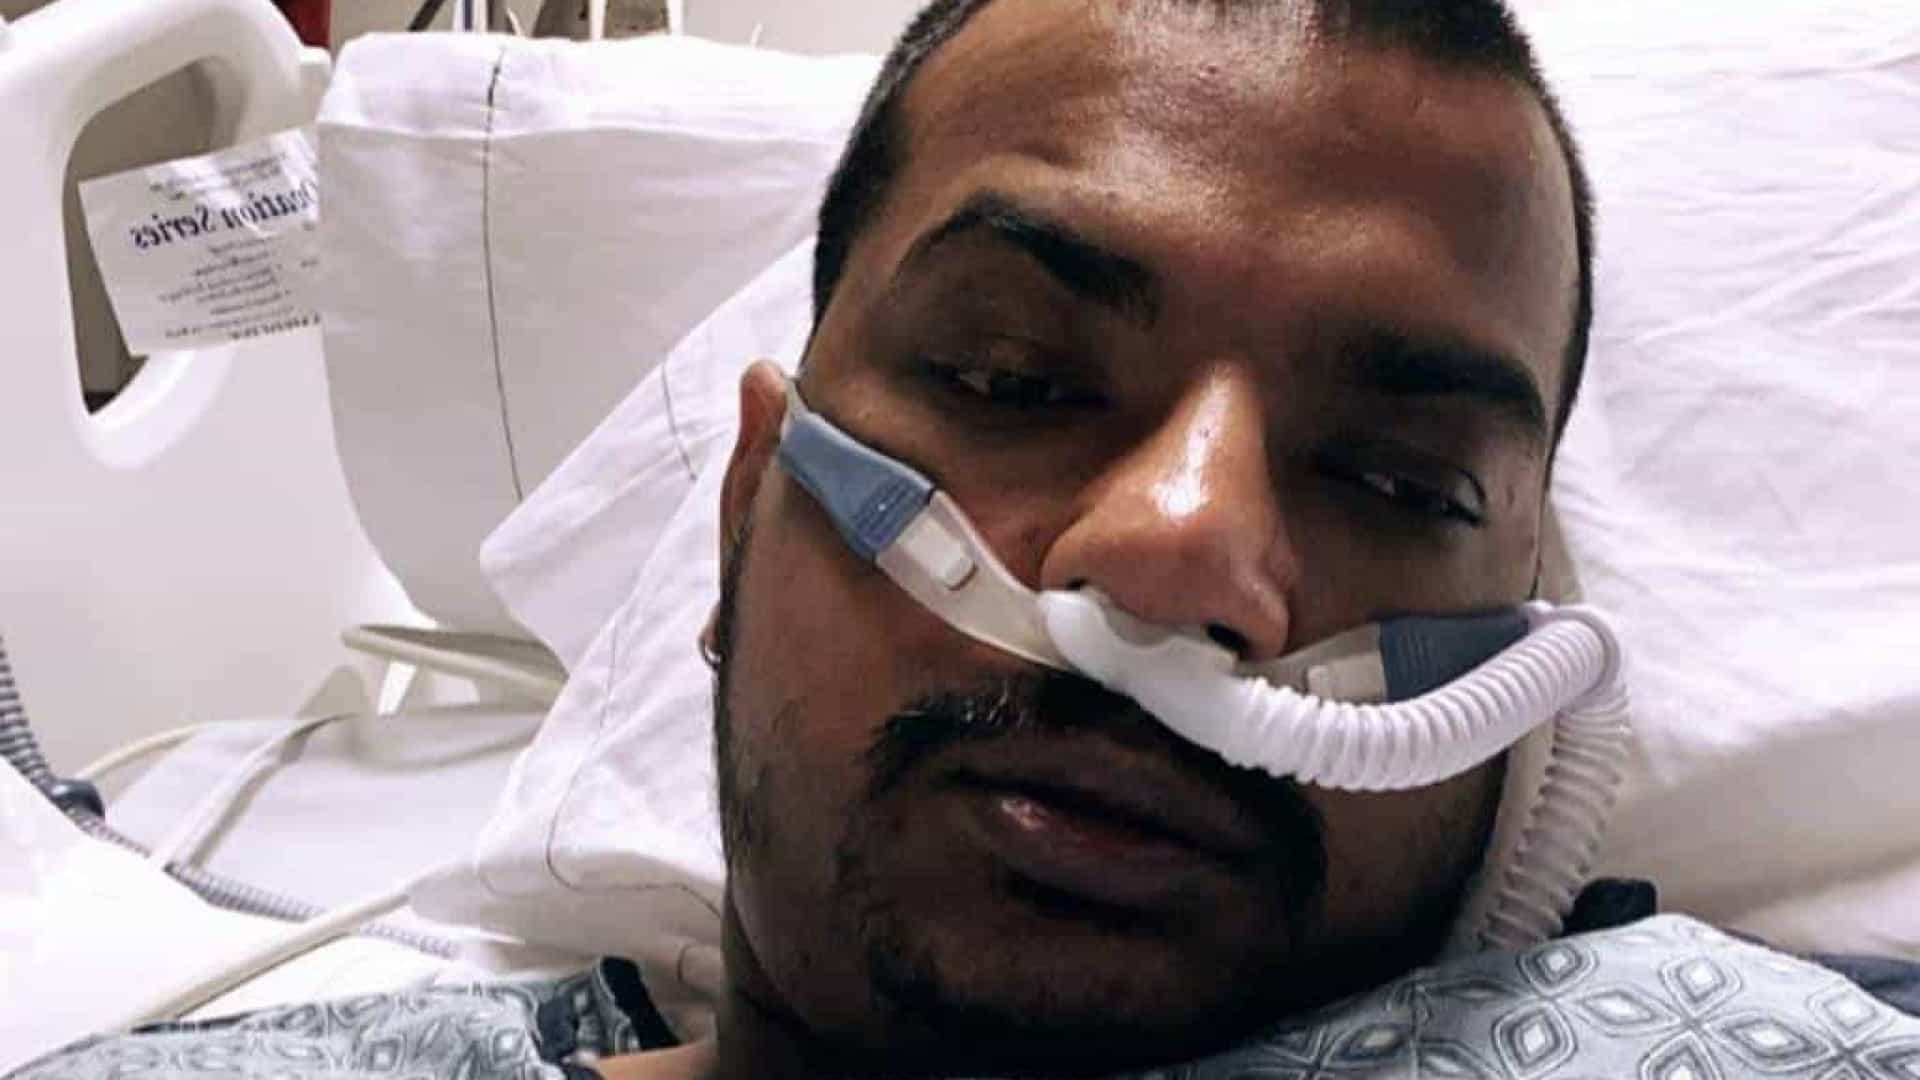 Paciente antivacina e contra intubação morre de Covid aos 34 anos